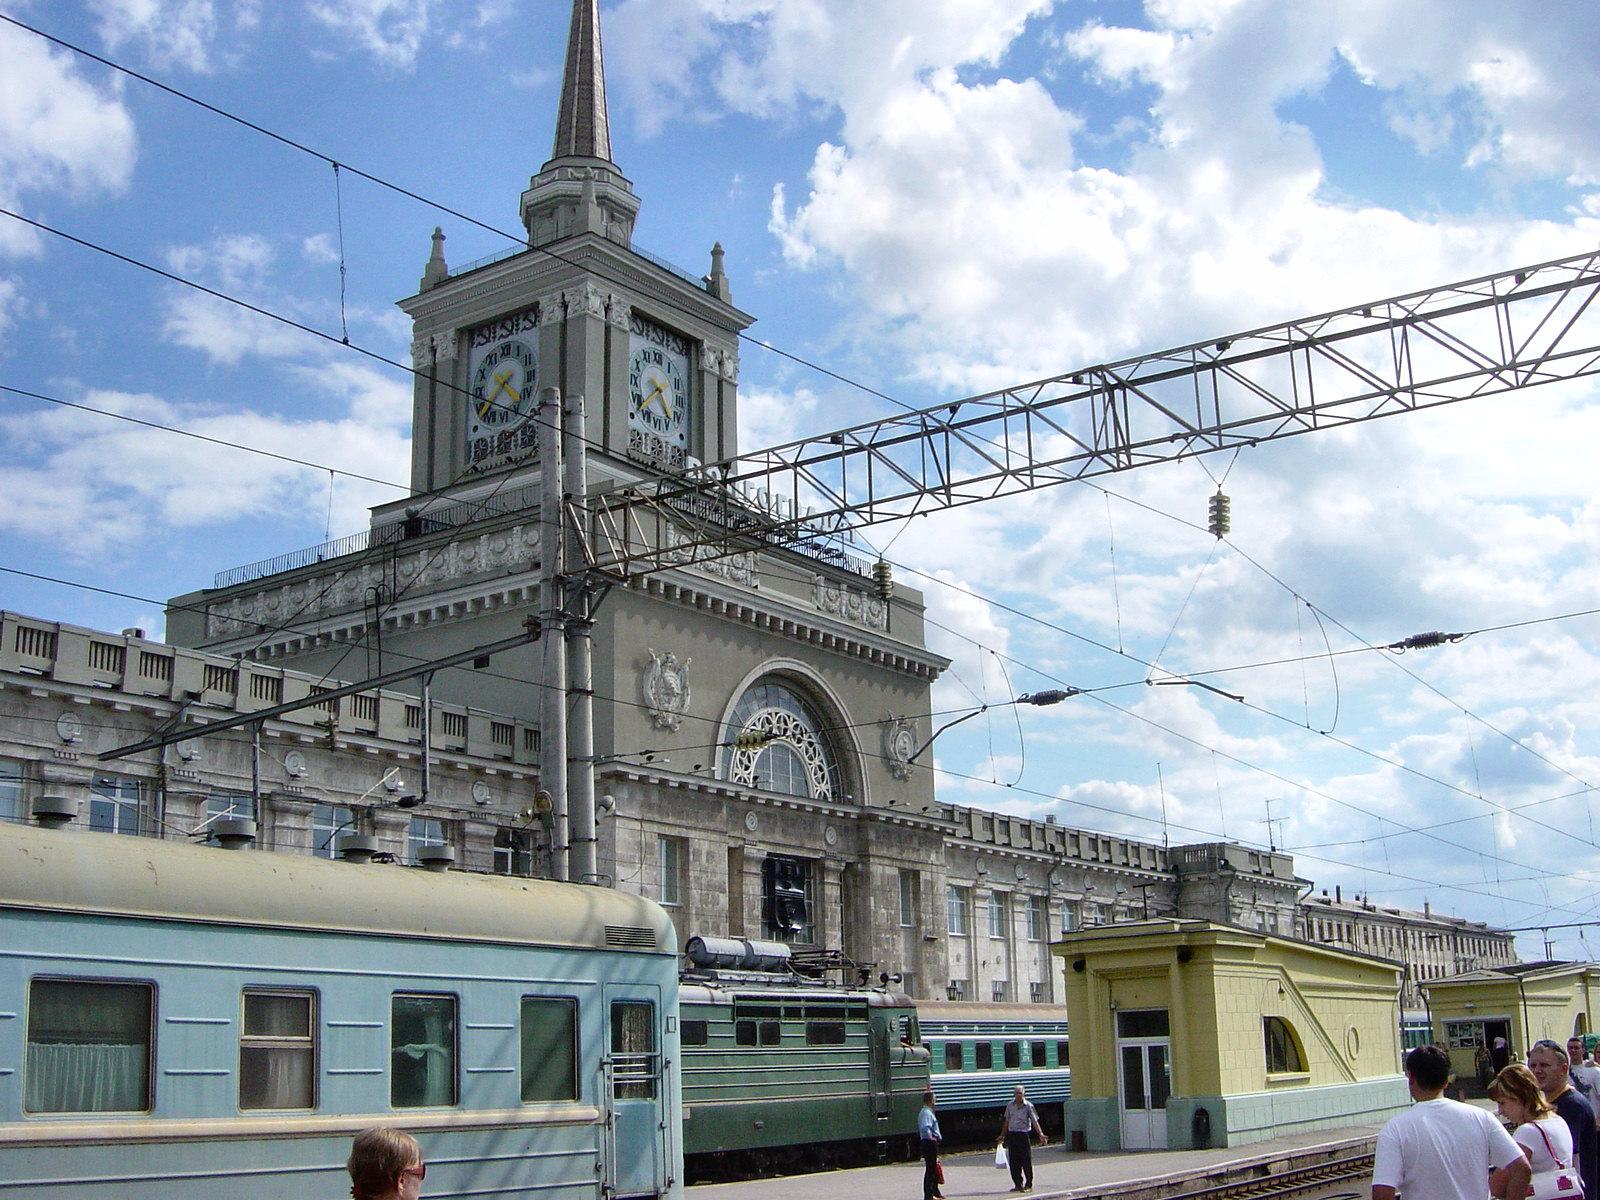 Исходный файл  (1600 × 1200 пикселей ...: ru.wikipedia.org/wiki/Файл:Volgograd_Station_2.jpg